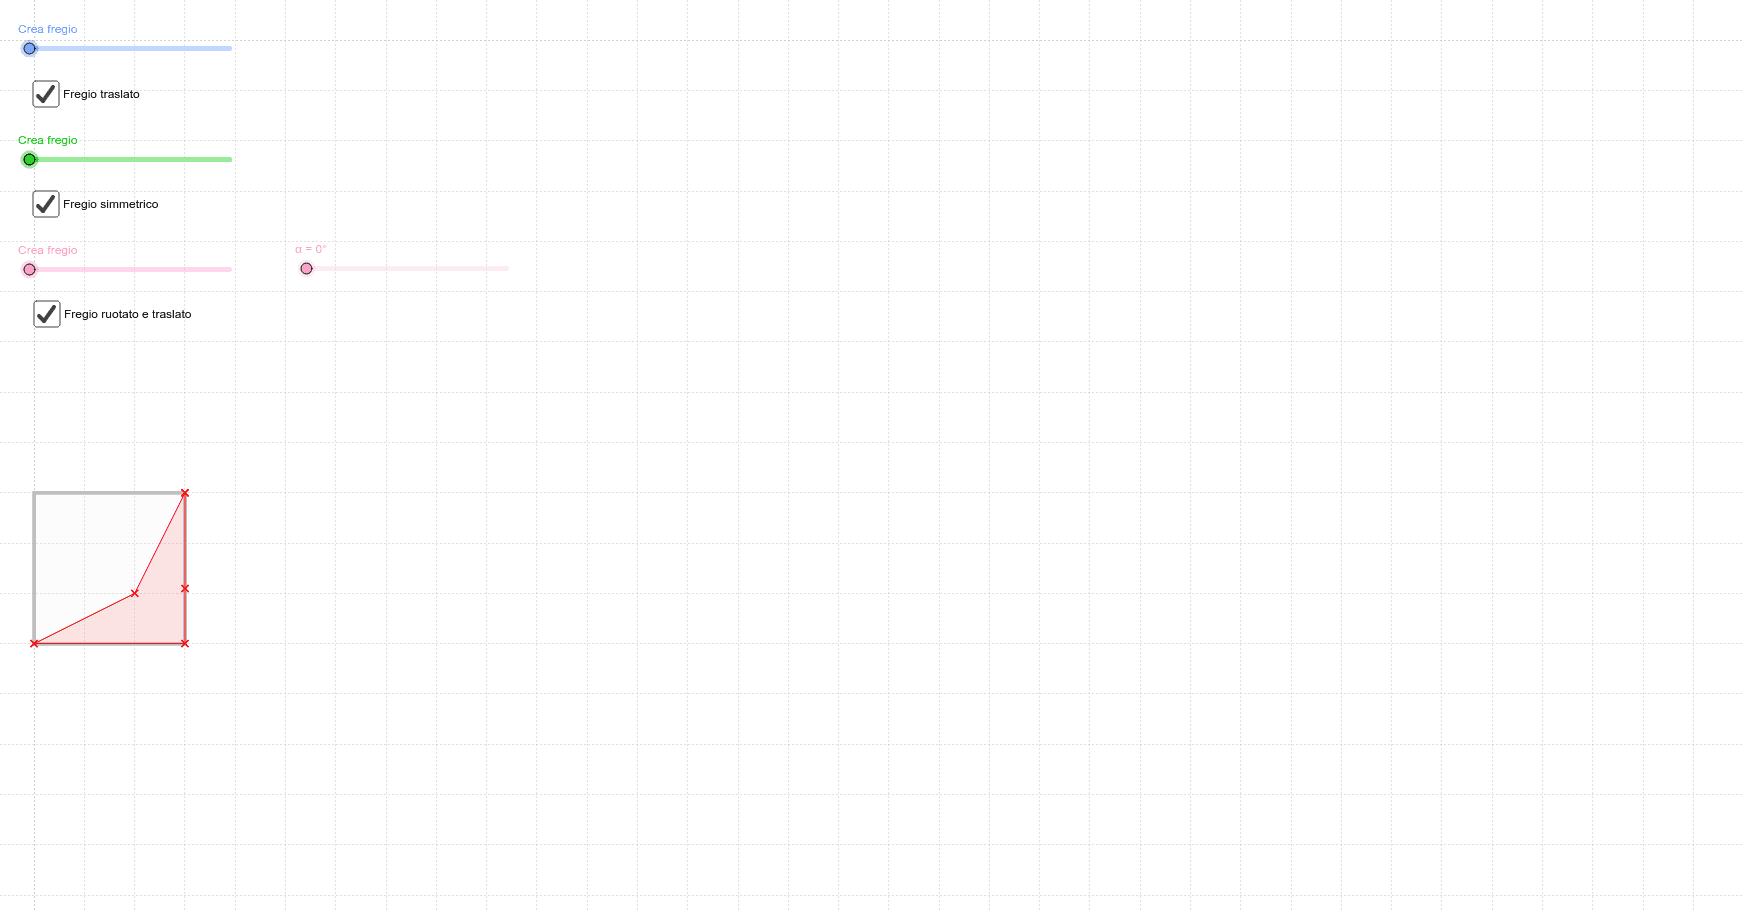 Muovi i punti rossi per crearti un timbro. Scorri gli slider per ottenere i fregi. Premi Invio per iniziare l'attività